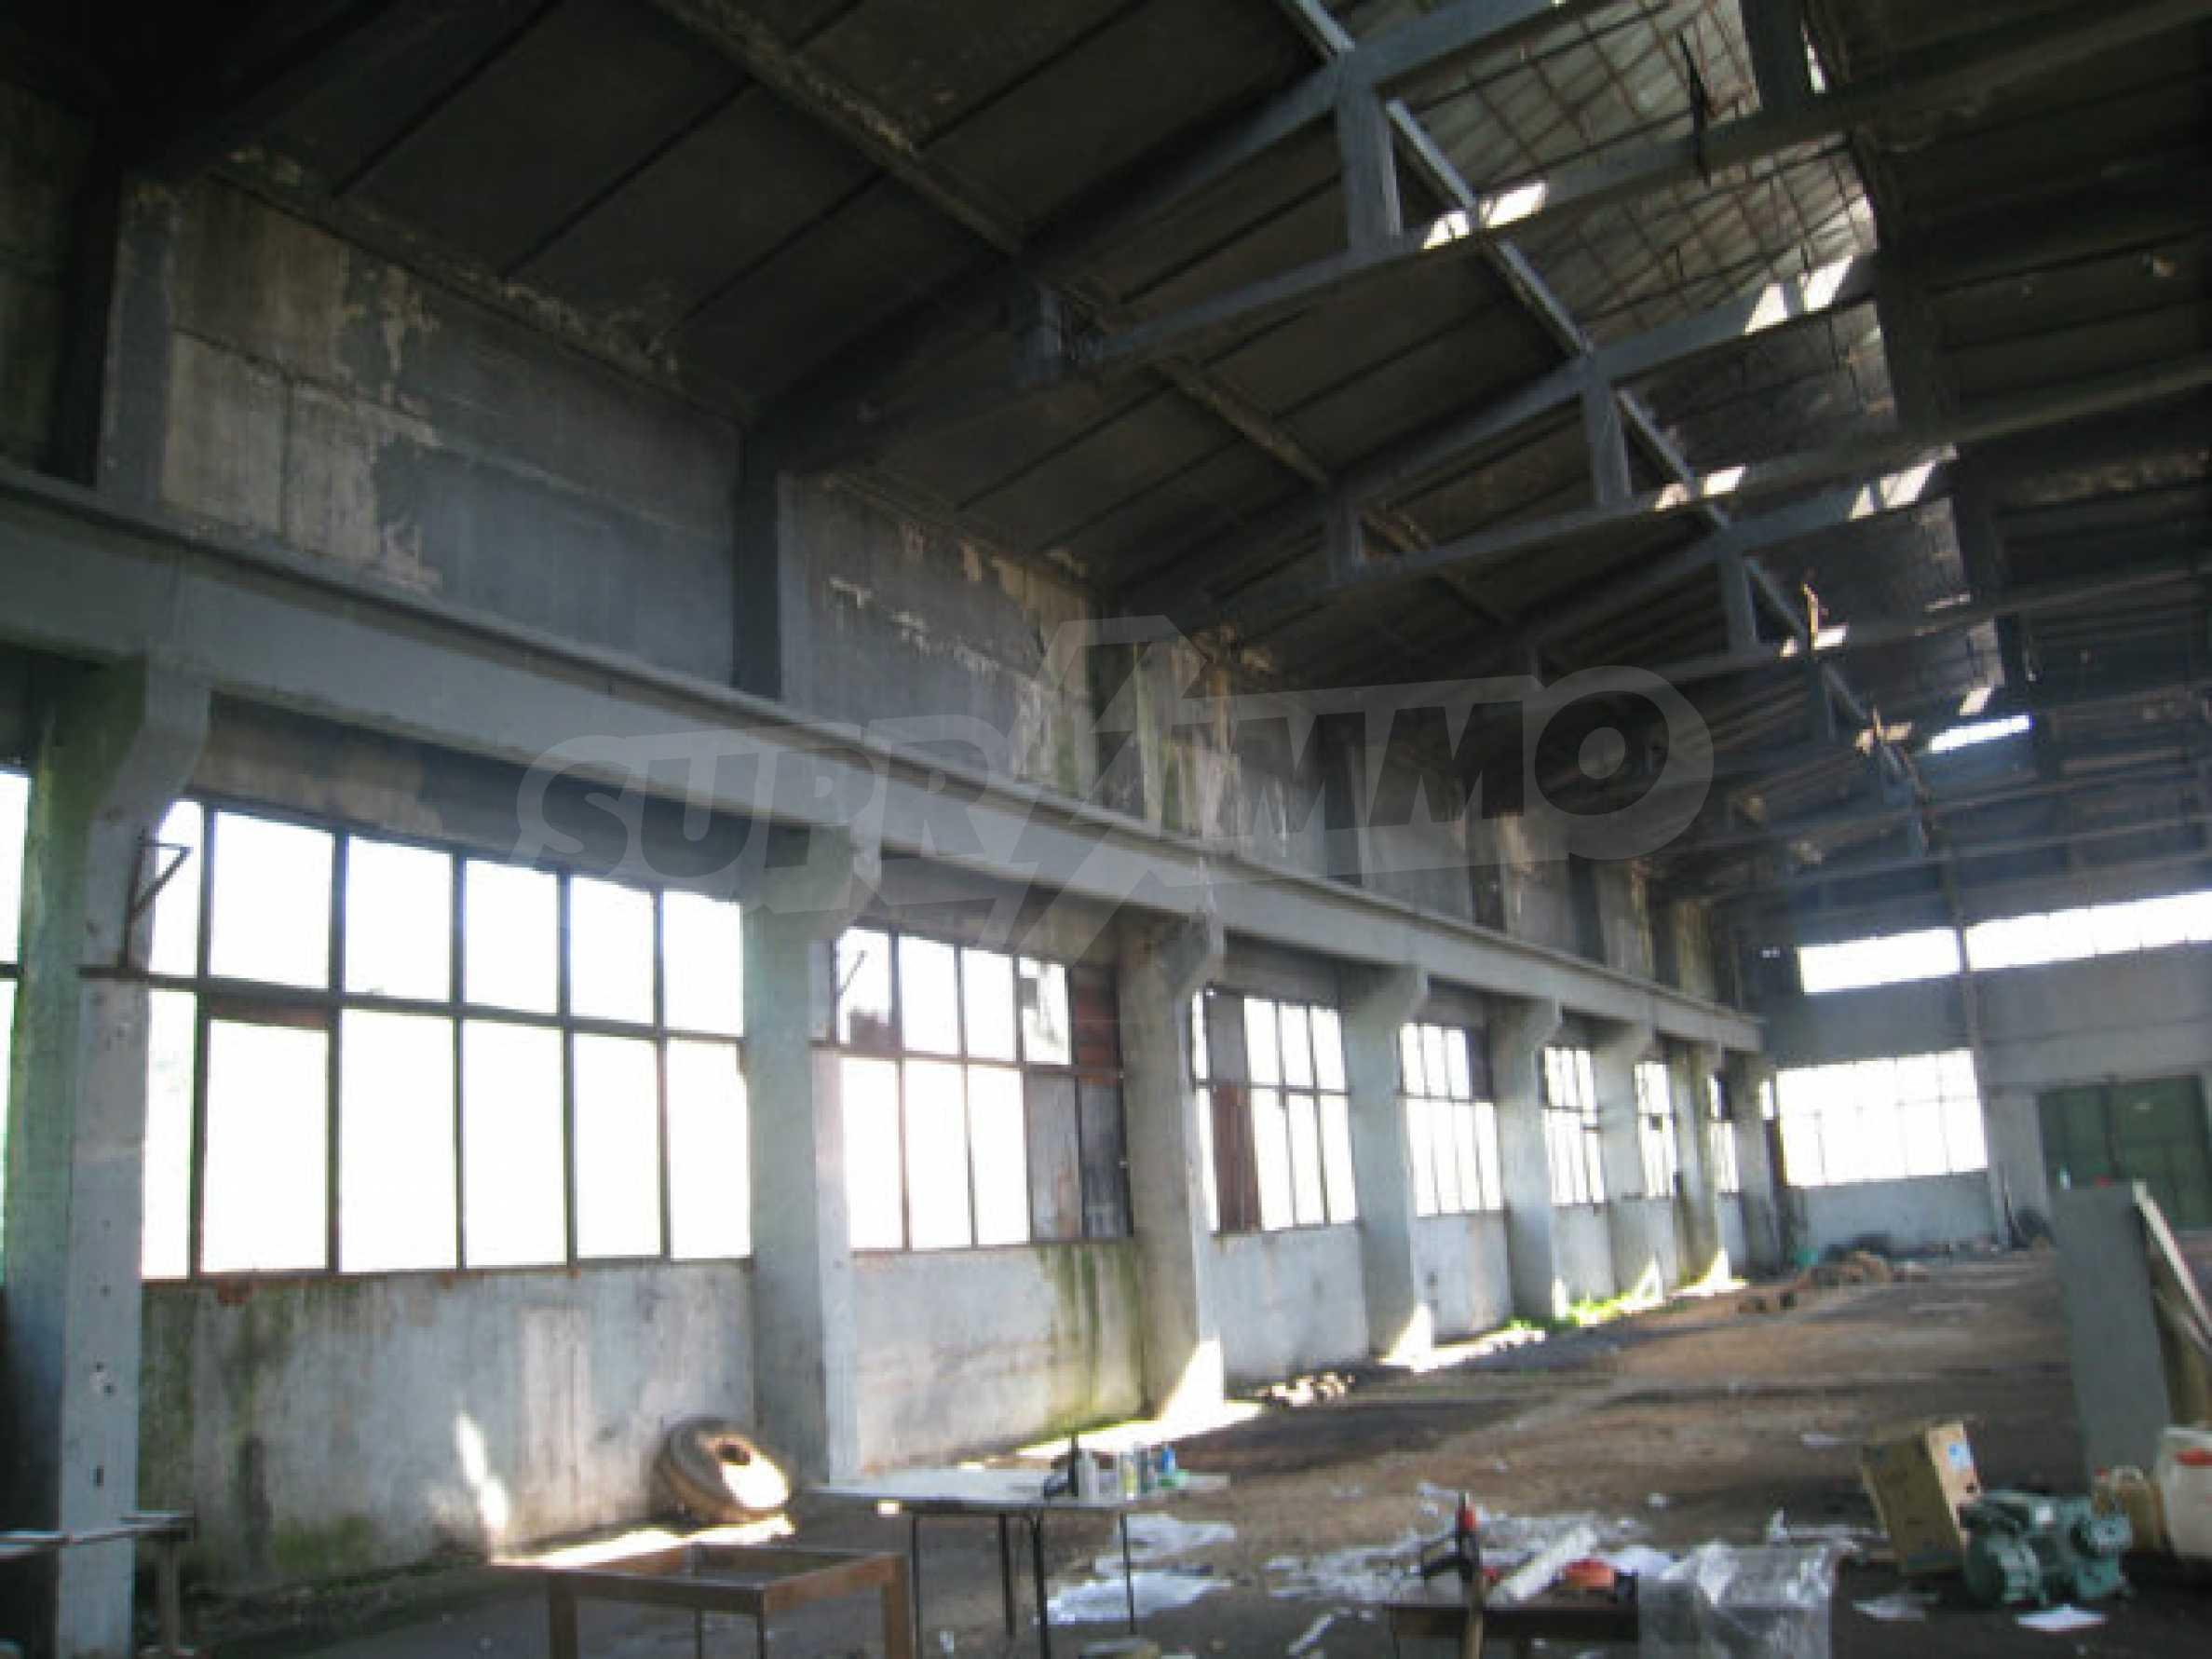 Produktionsgebäude mit Dienstleistungs- und Verwaltungsgebäude in der Nähe von Monatan 9